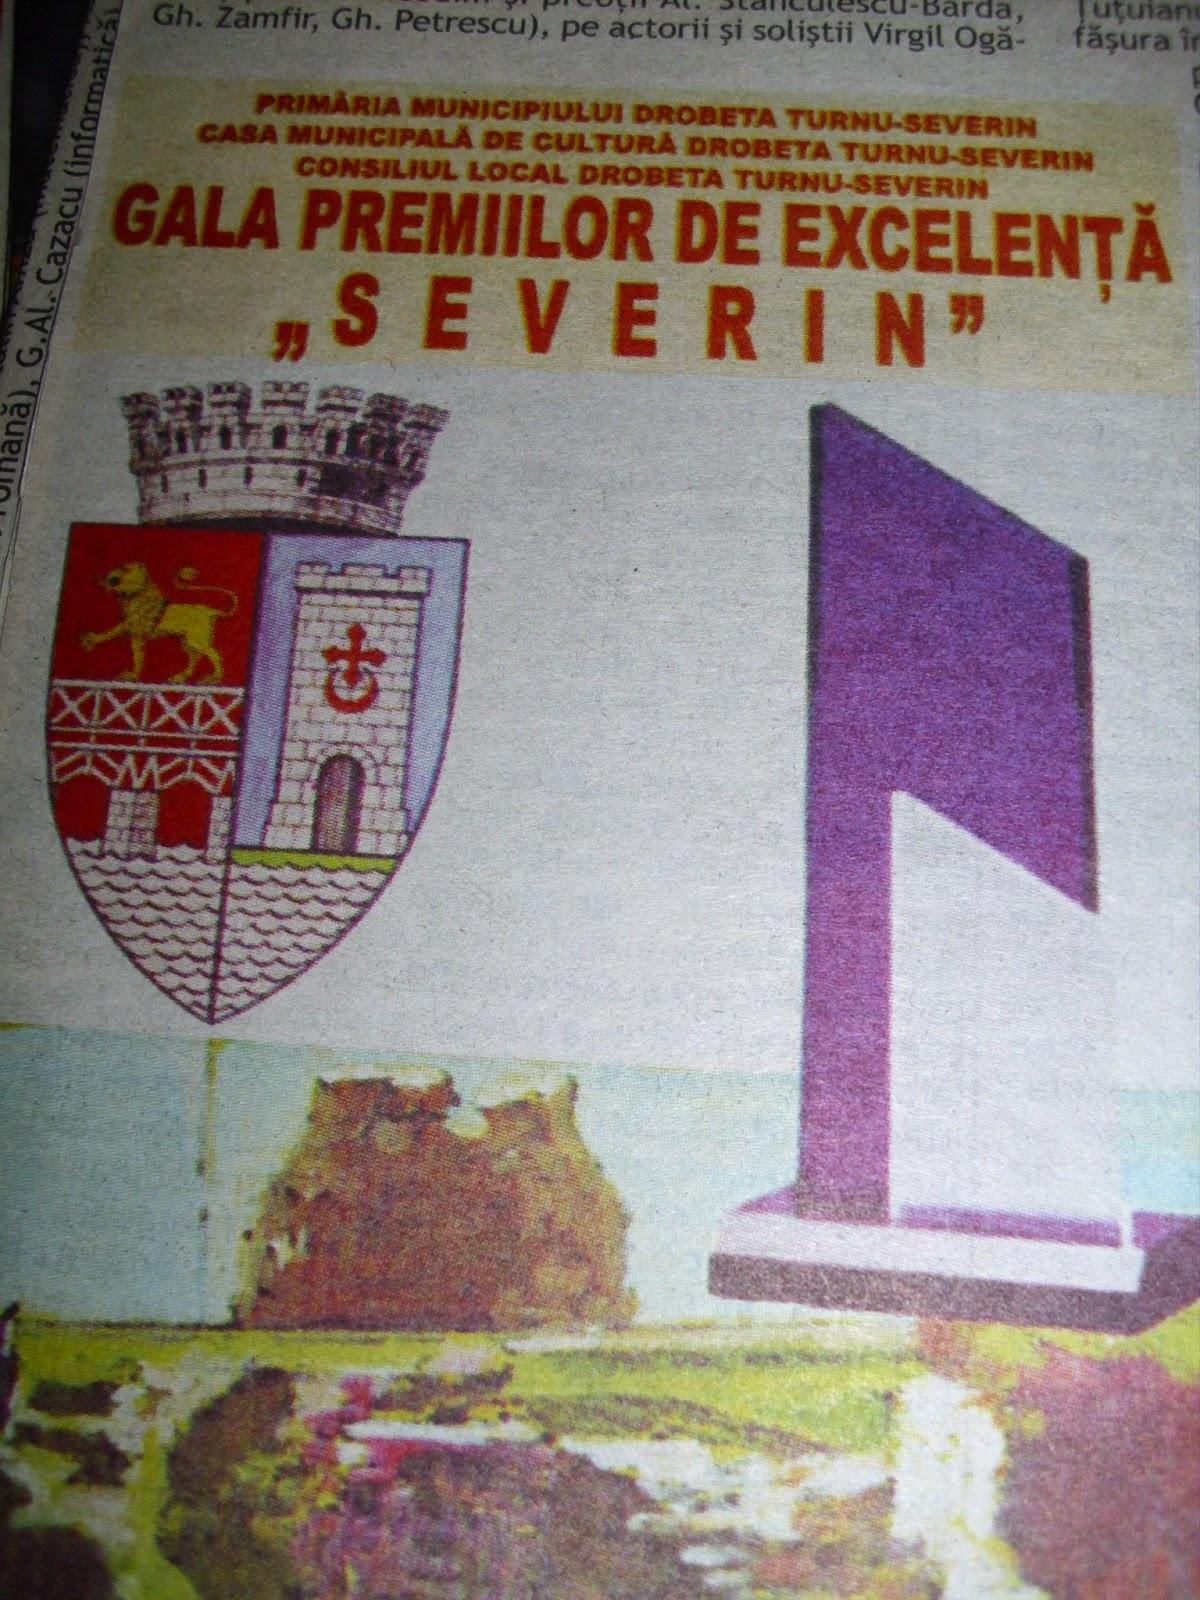 Gala Premiilor de Excelenţă, 2012, Severin